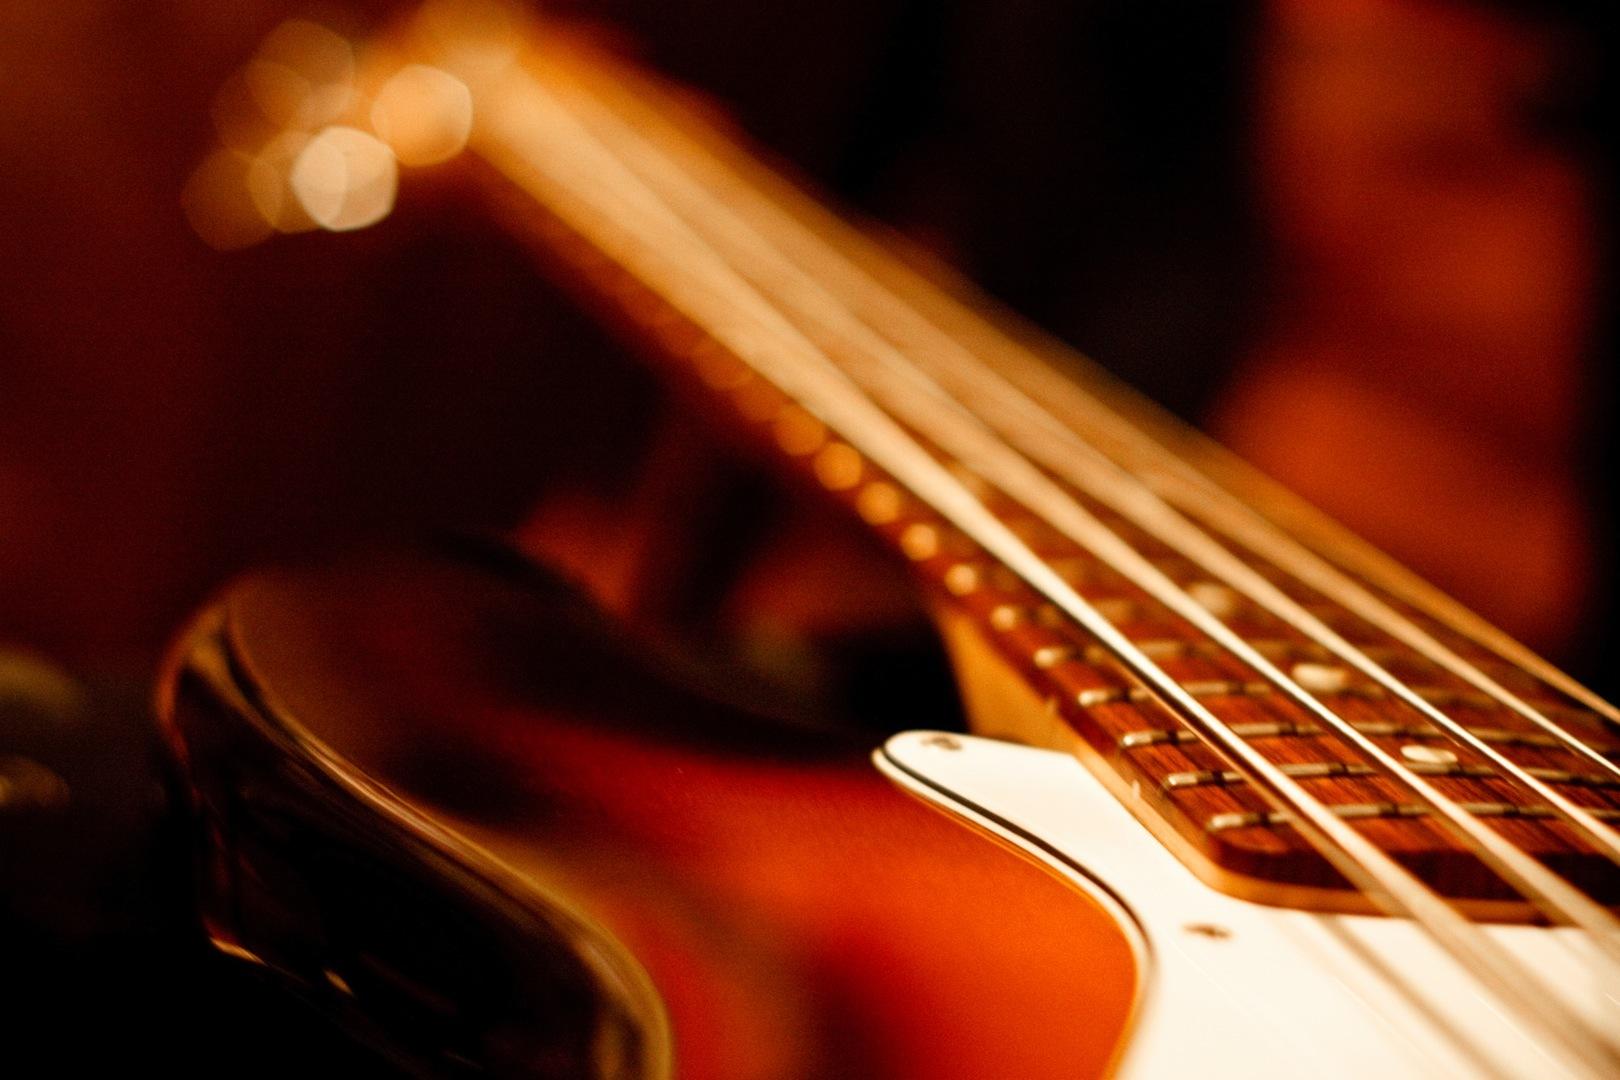 Fender Jazz Bass Wallpaper Fender standard jazz bass 1620x1080